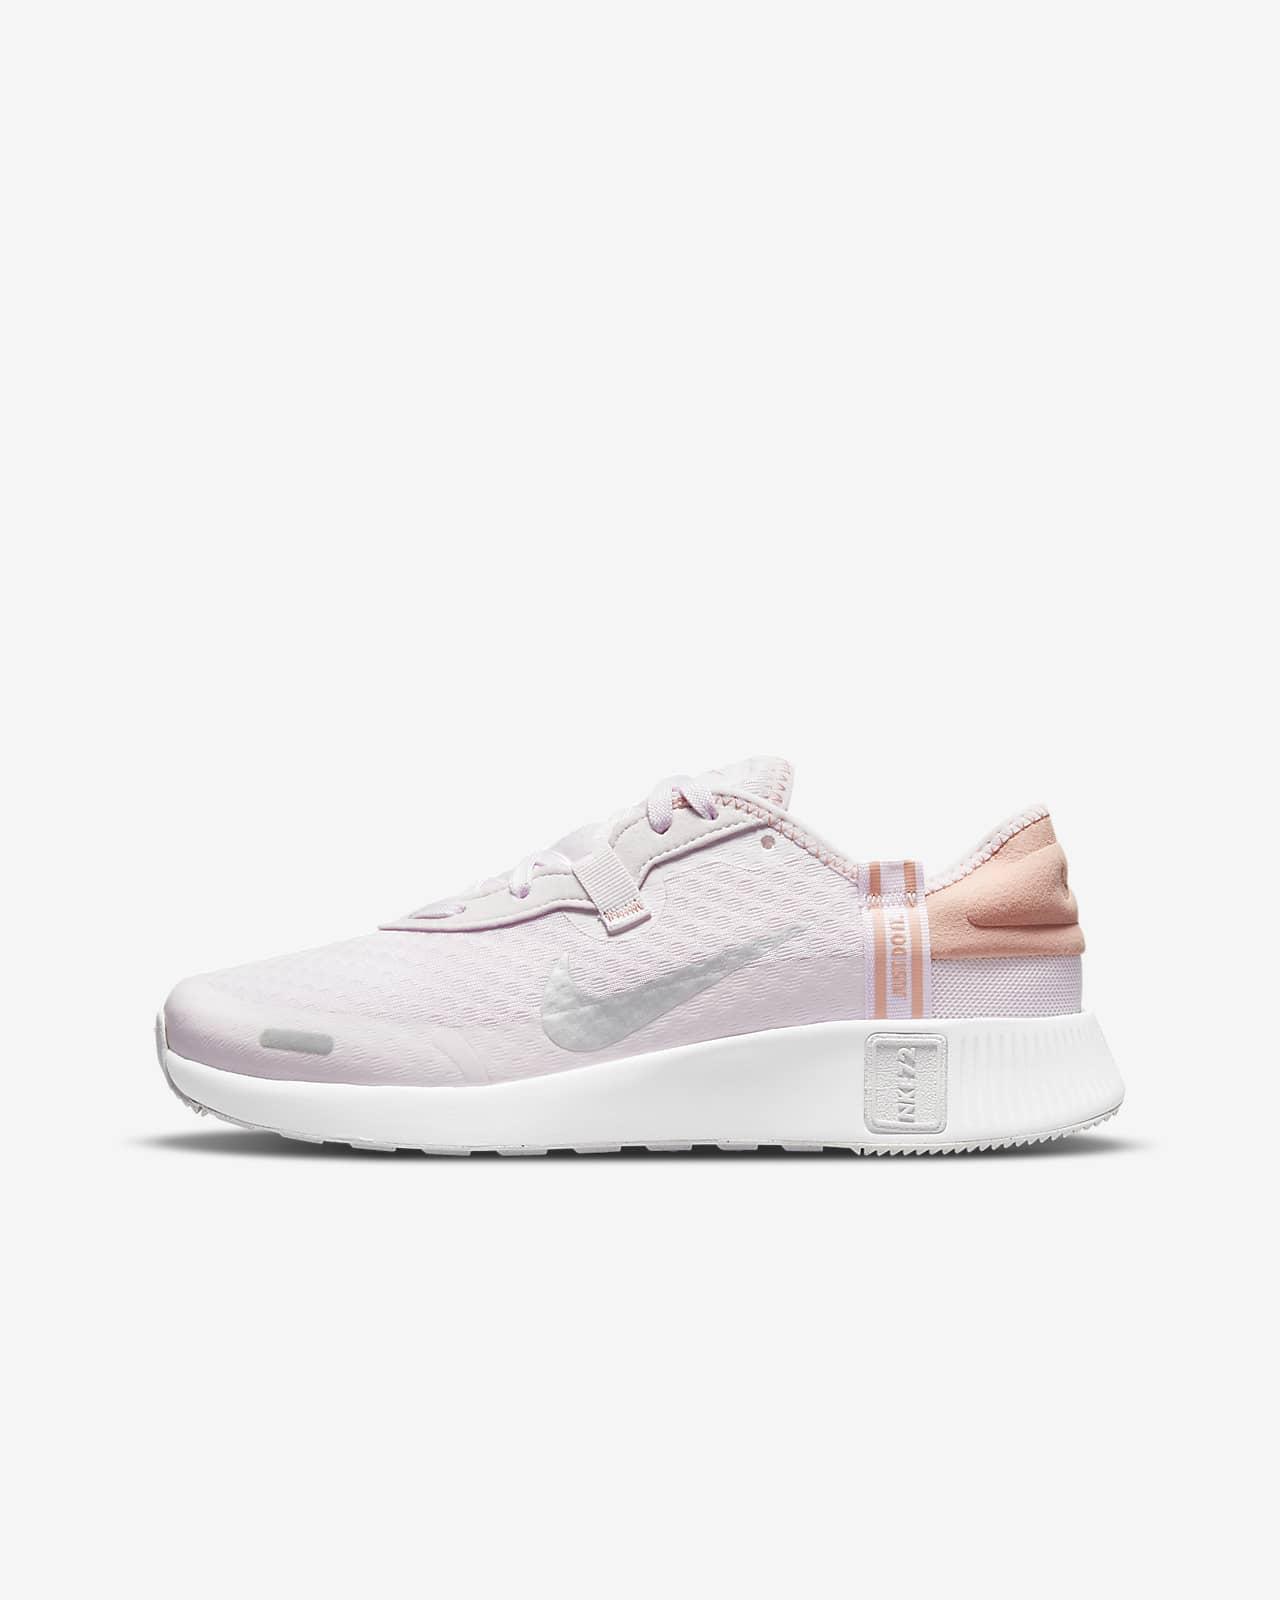 Nike Reposto Big Kids' Shoe